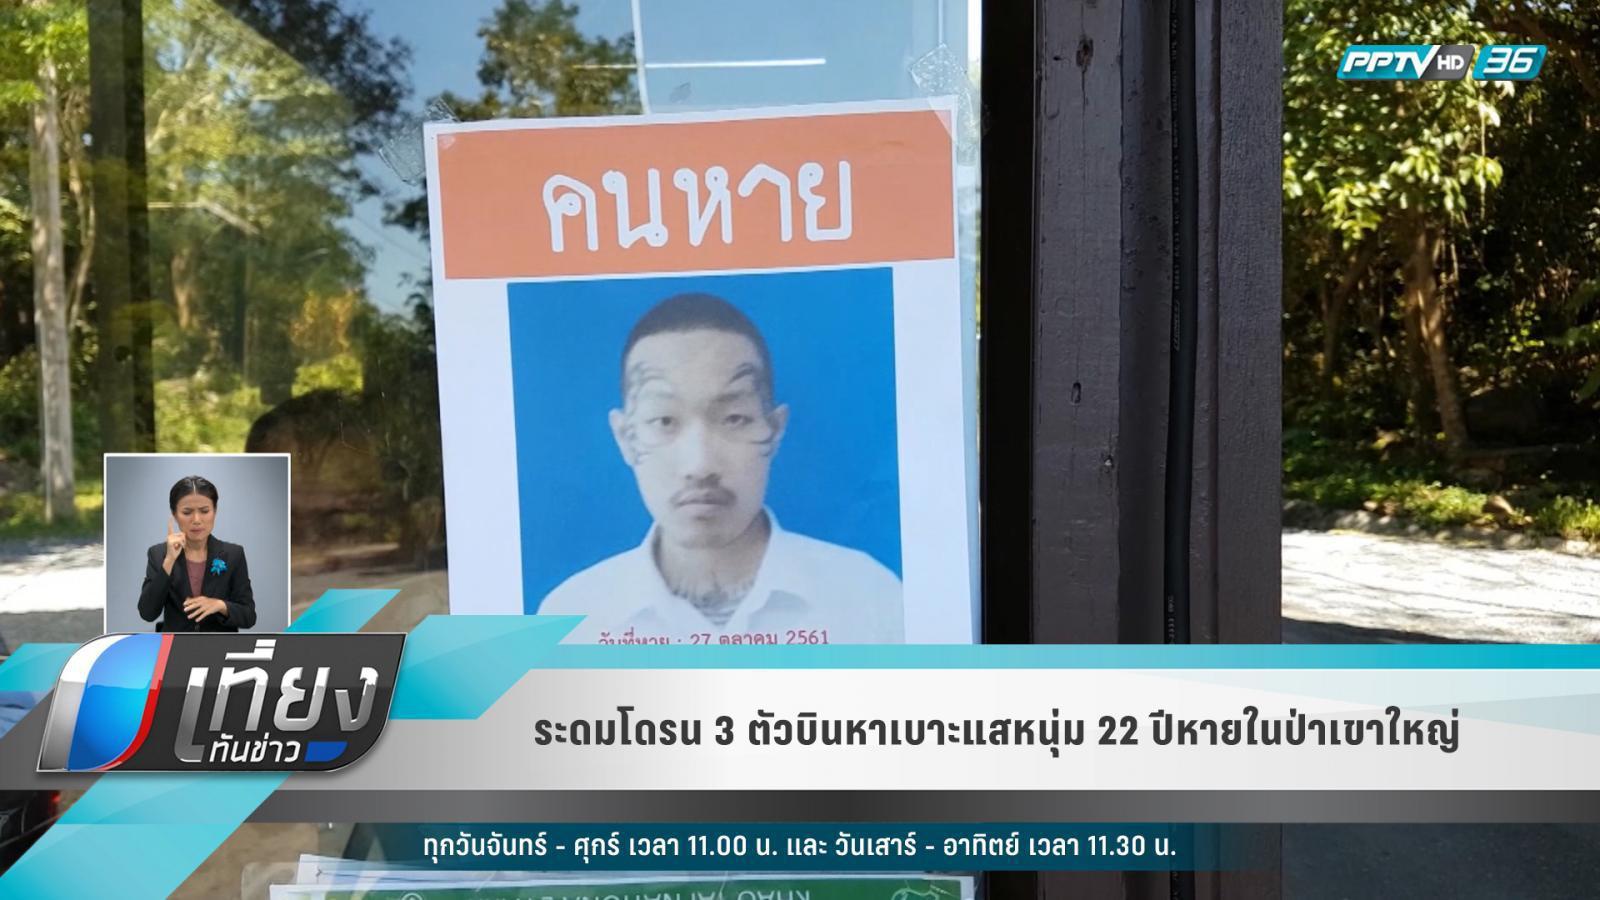 ระดมโดรน 3 ตัวบินหาเบาะแสหนุ่ม 22 ปีหายในป่าเขาใหญ่